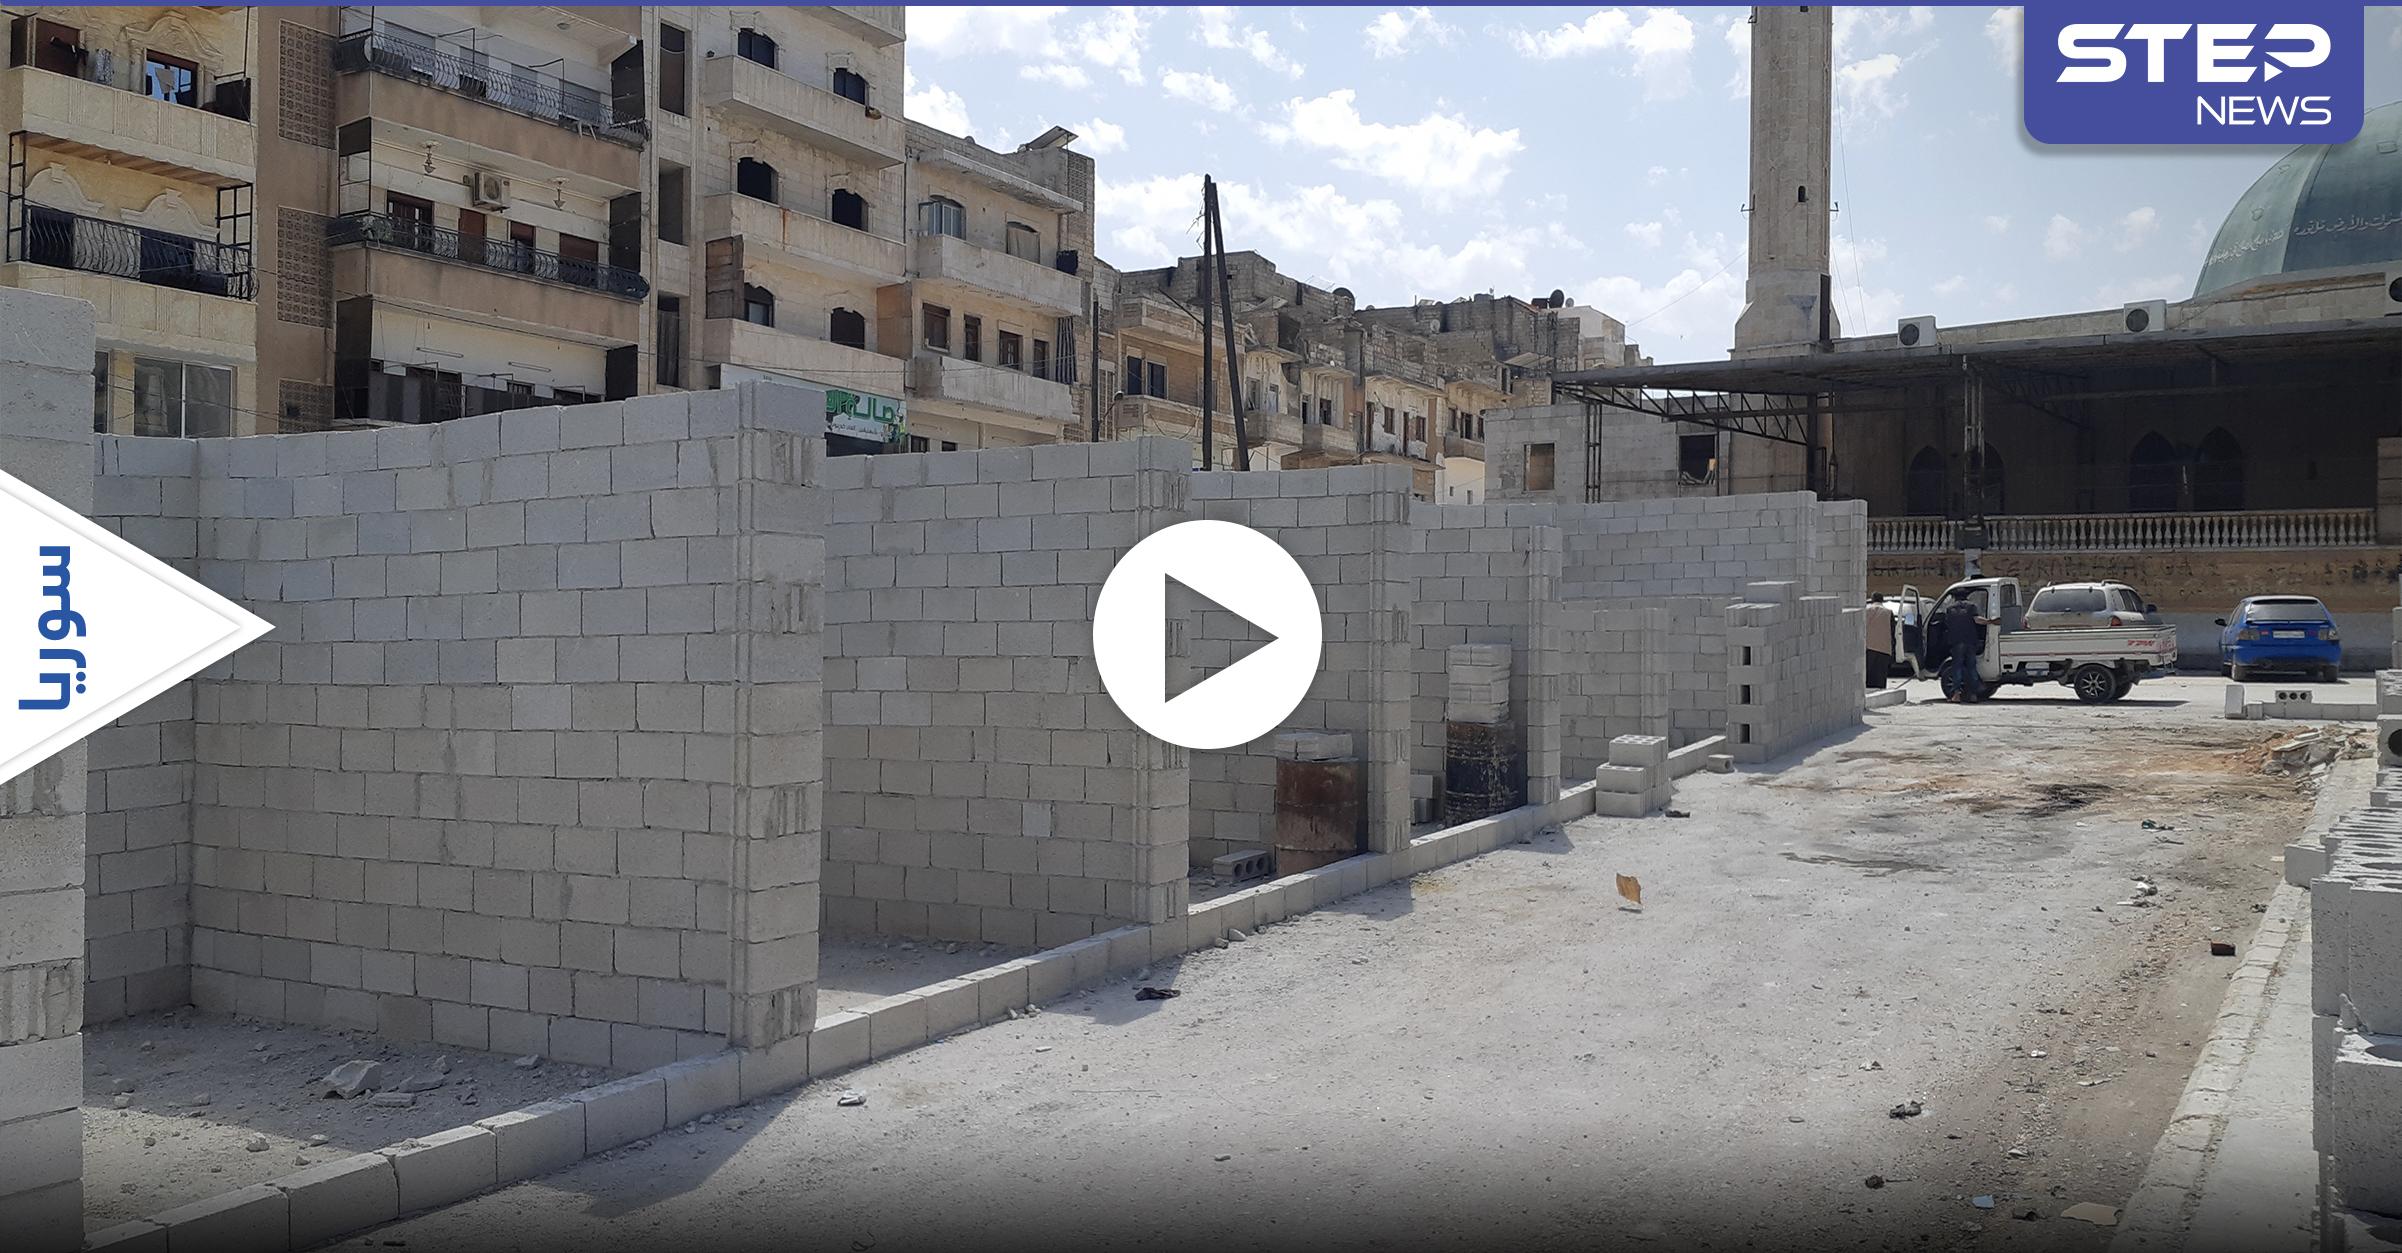 """بالفيديو   """"حكومة الإنقاذ"""" تتذرع بالعشوائيات وتسعى للسيطرة على عقارات دخل إدلب عبر أسلوب خاص"""